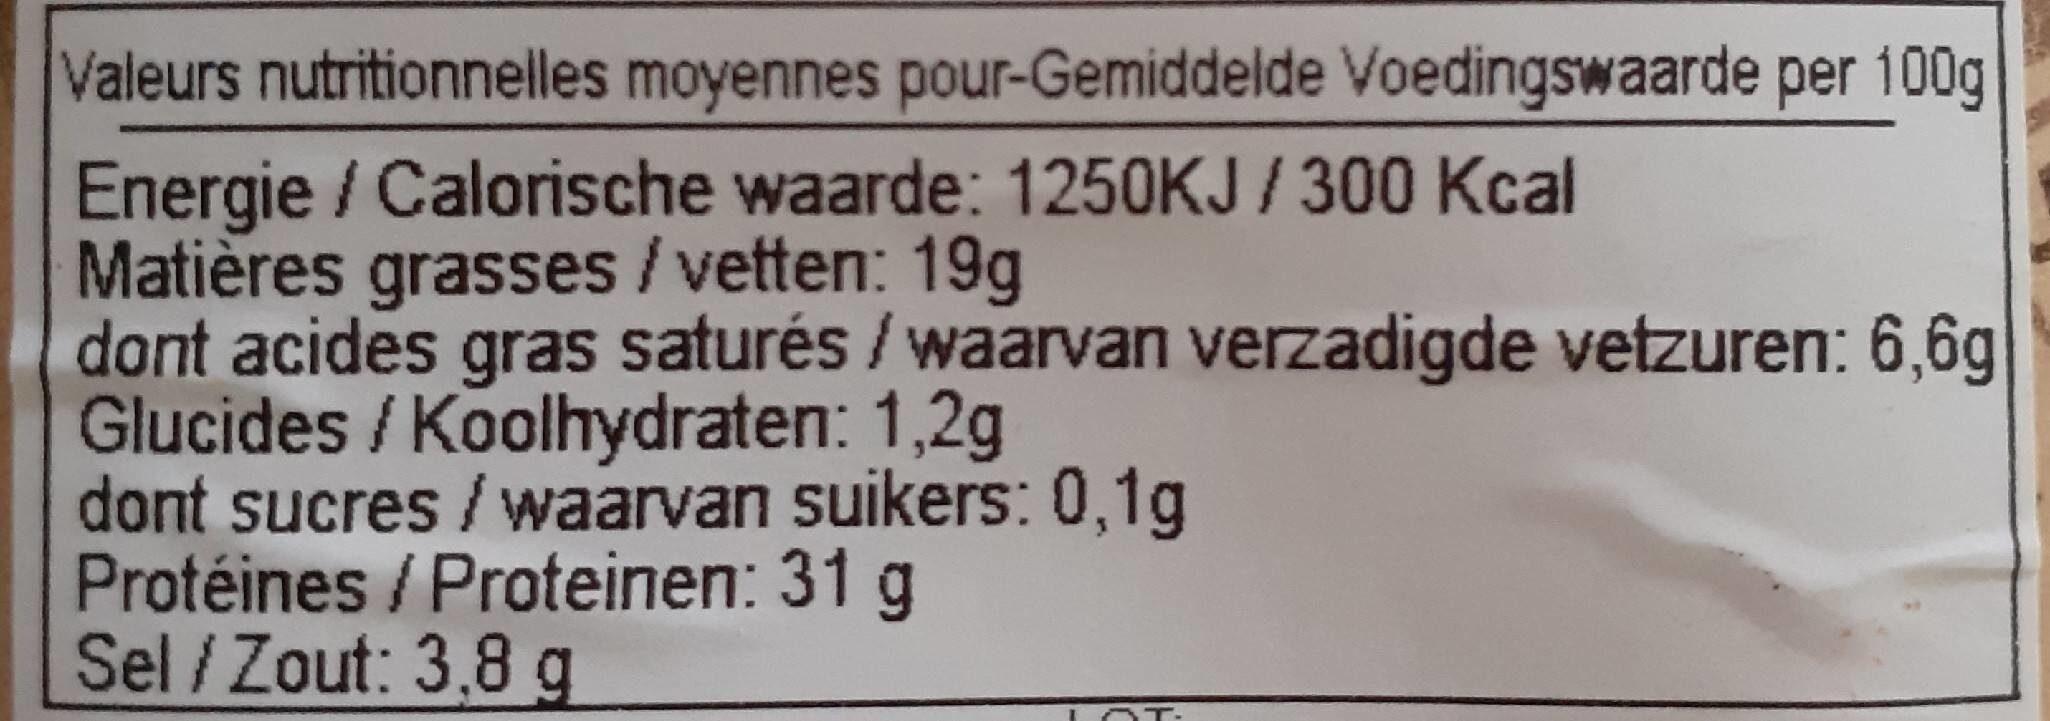 Jambon speck - Voedingswaarden - fr